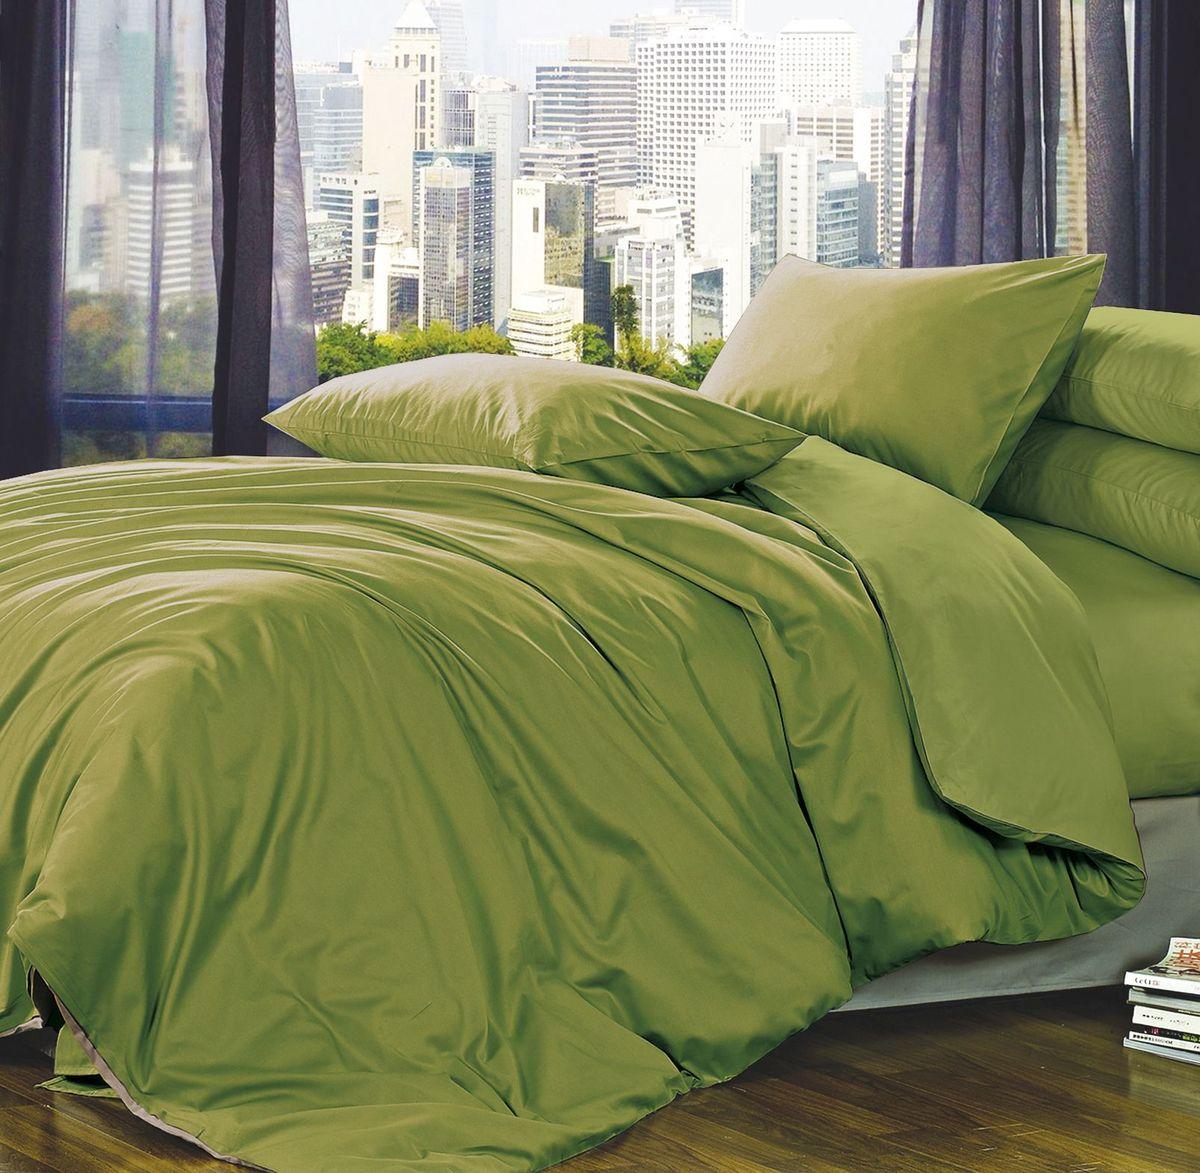 Комплект белья Коллекция Зеленый, 2-спальный, наволочки 50x70 смПС2/50/ОЗ/зелКомплект постельного белья Коллекция Зеленый выполнен из полисатина. Комплект состоит из пододеяльника, простыни и двух наволочек. Тонкое, средней плотности, с шелковистой поверхностью и приятным блеском постельное белье устойчиво к износу, не выгорает, не линяет, рассчитано на многократные стирки. Двойная скрутка волокон позволяет получать довольно плотный, прочный на разрыв материал. Легко отстирывается, быстро сохнет и самой важно для хозяек - не мнется!